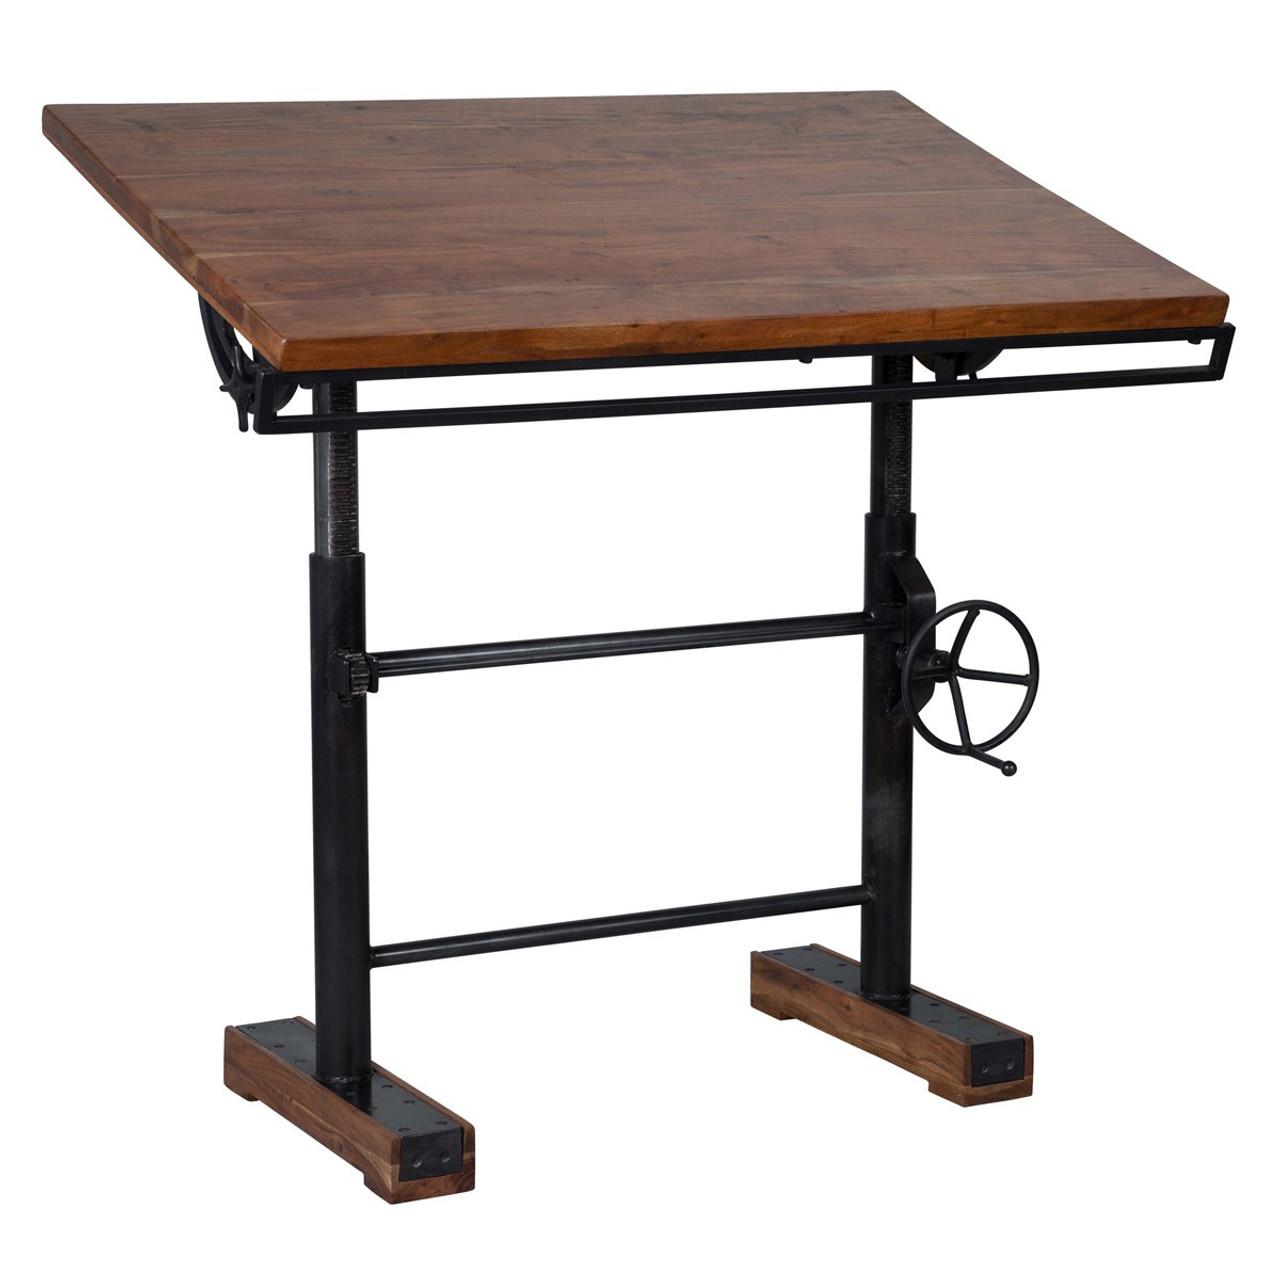 Steampunk Industrial Crank Adjustable Standing Desk 46 Zin Home